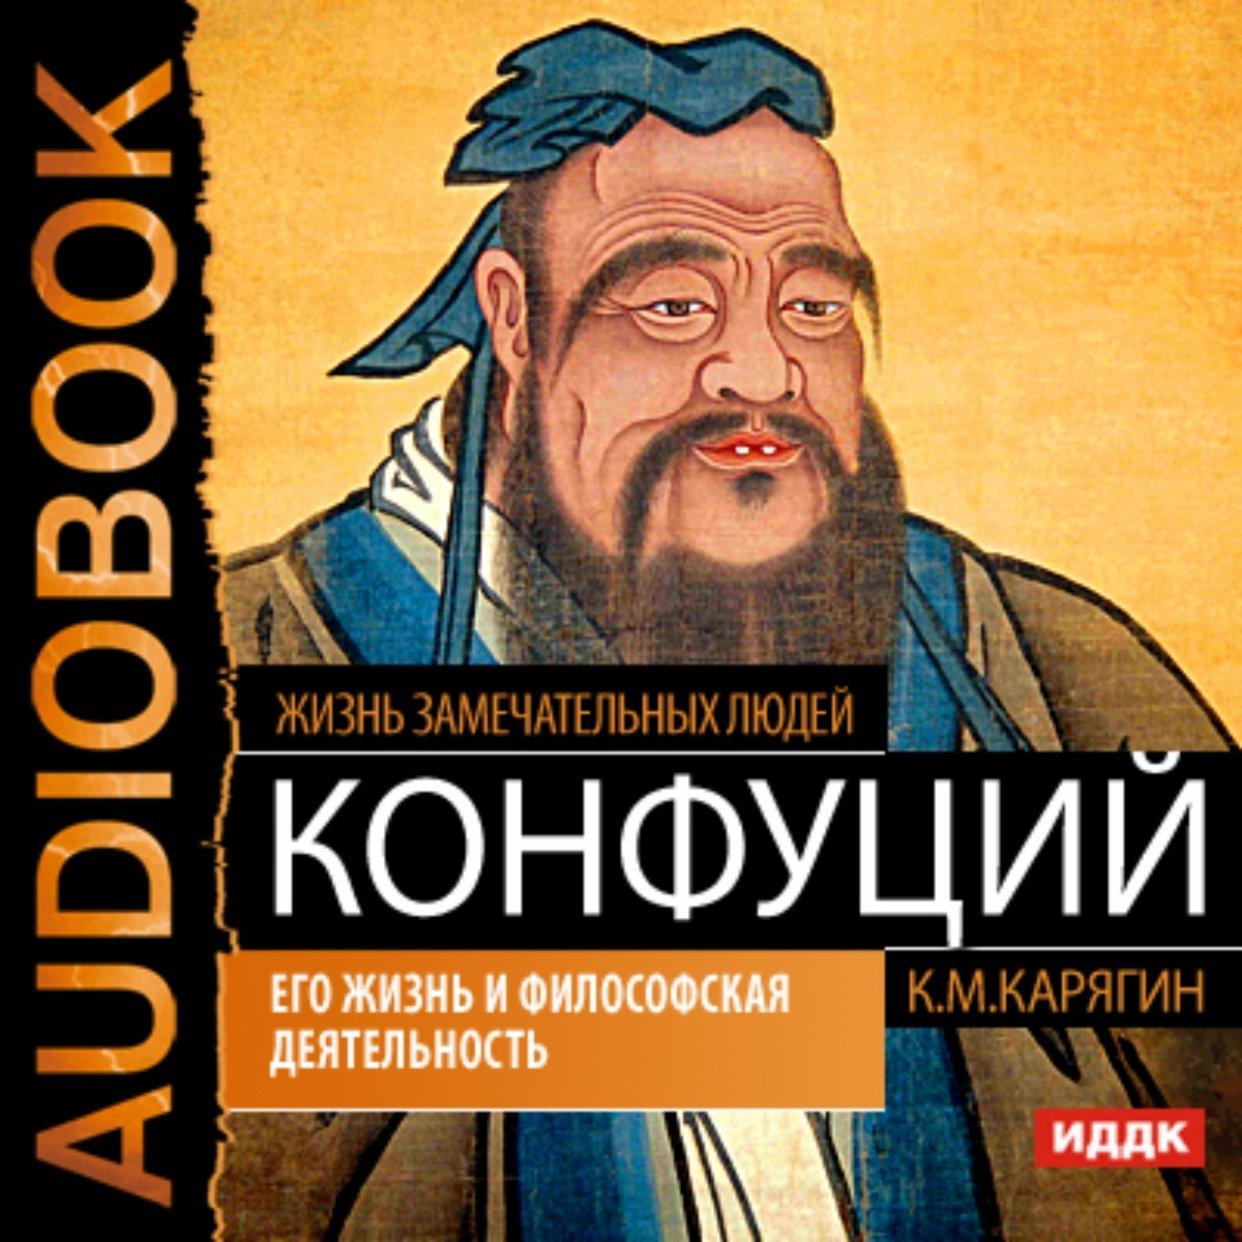 Конфуций. Его жизнь и философская деятельность